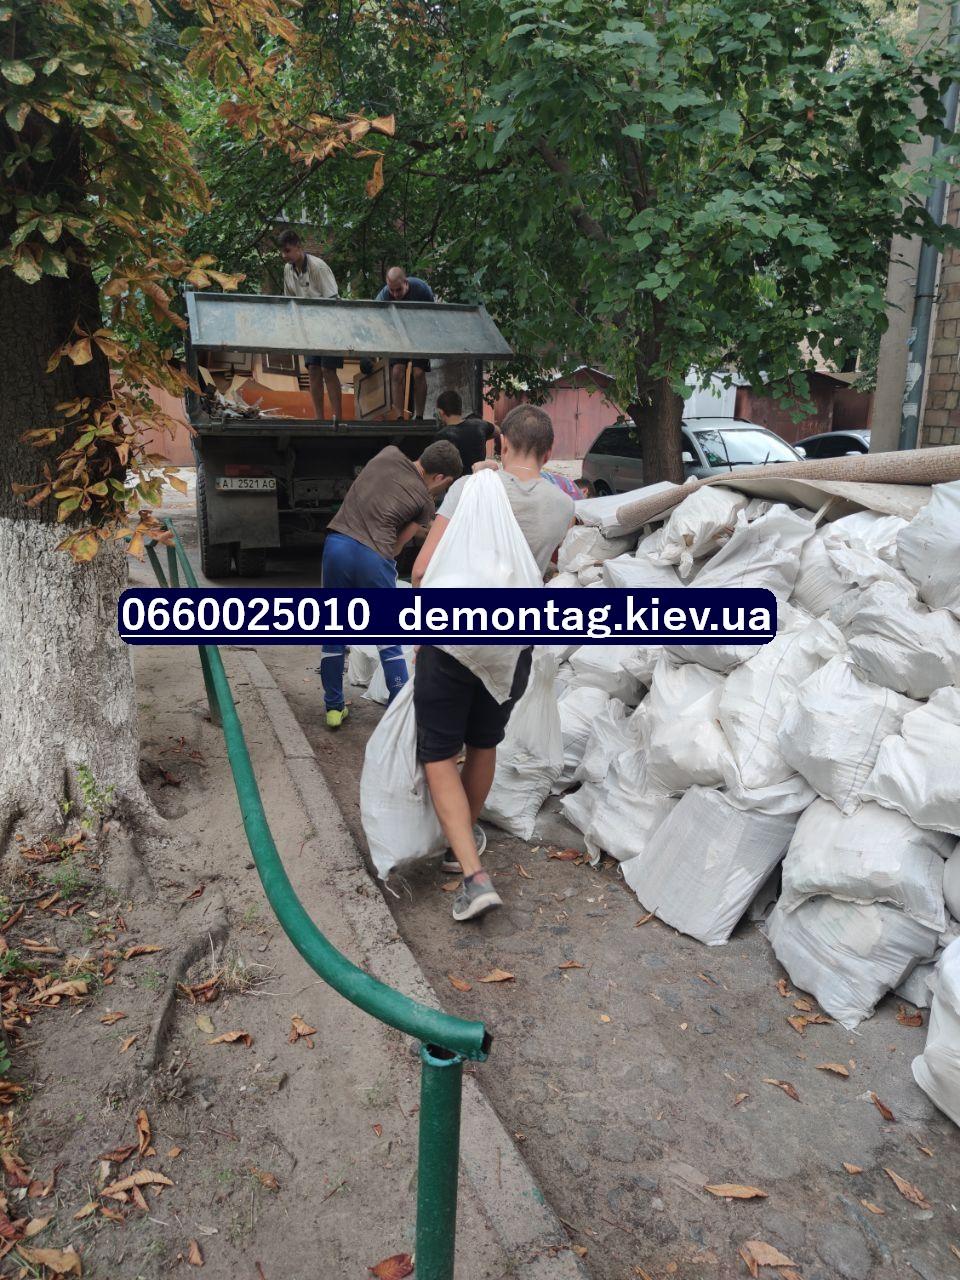 Демонтаж квартиры Киев недорого 0660025010